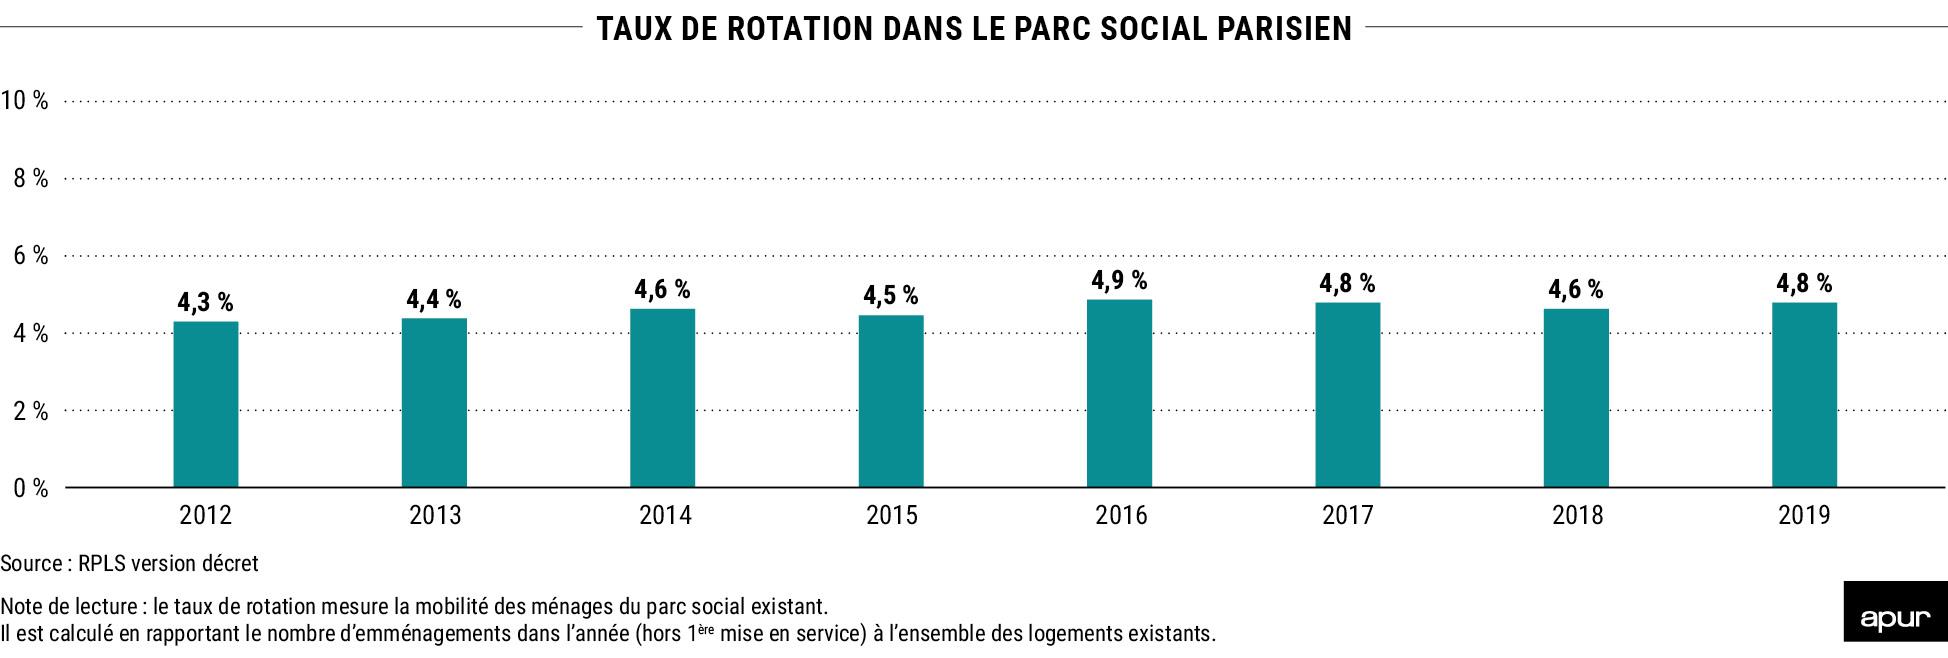 Taux de rotation dans le parc social parisien © Apur